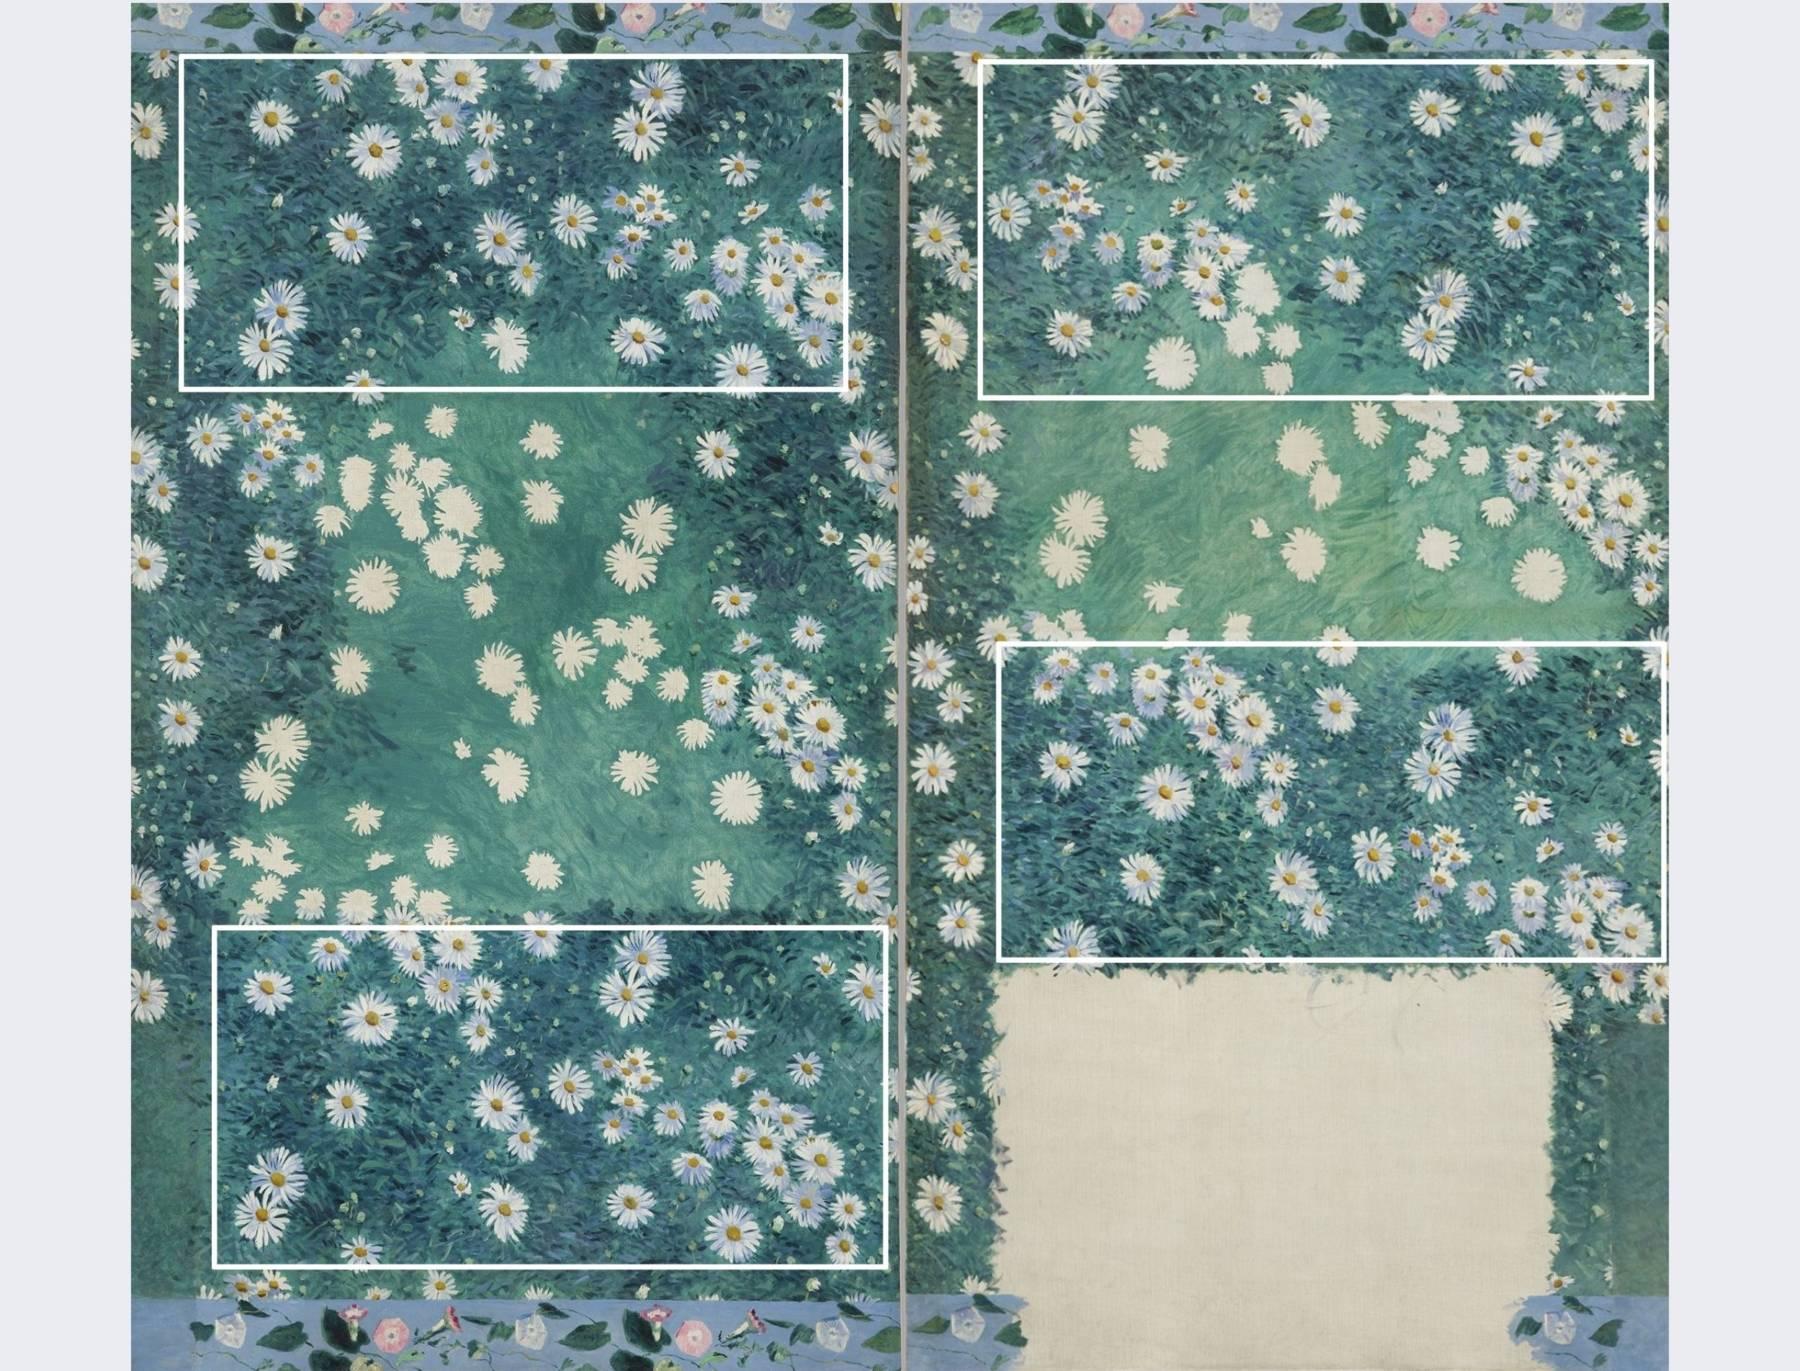 Parterre de marguerites de Gustave Caillebotte, schéma de restauration